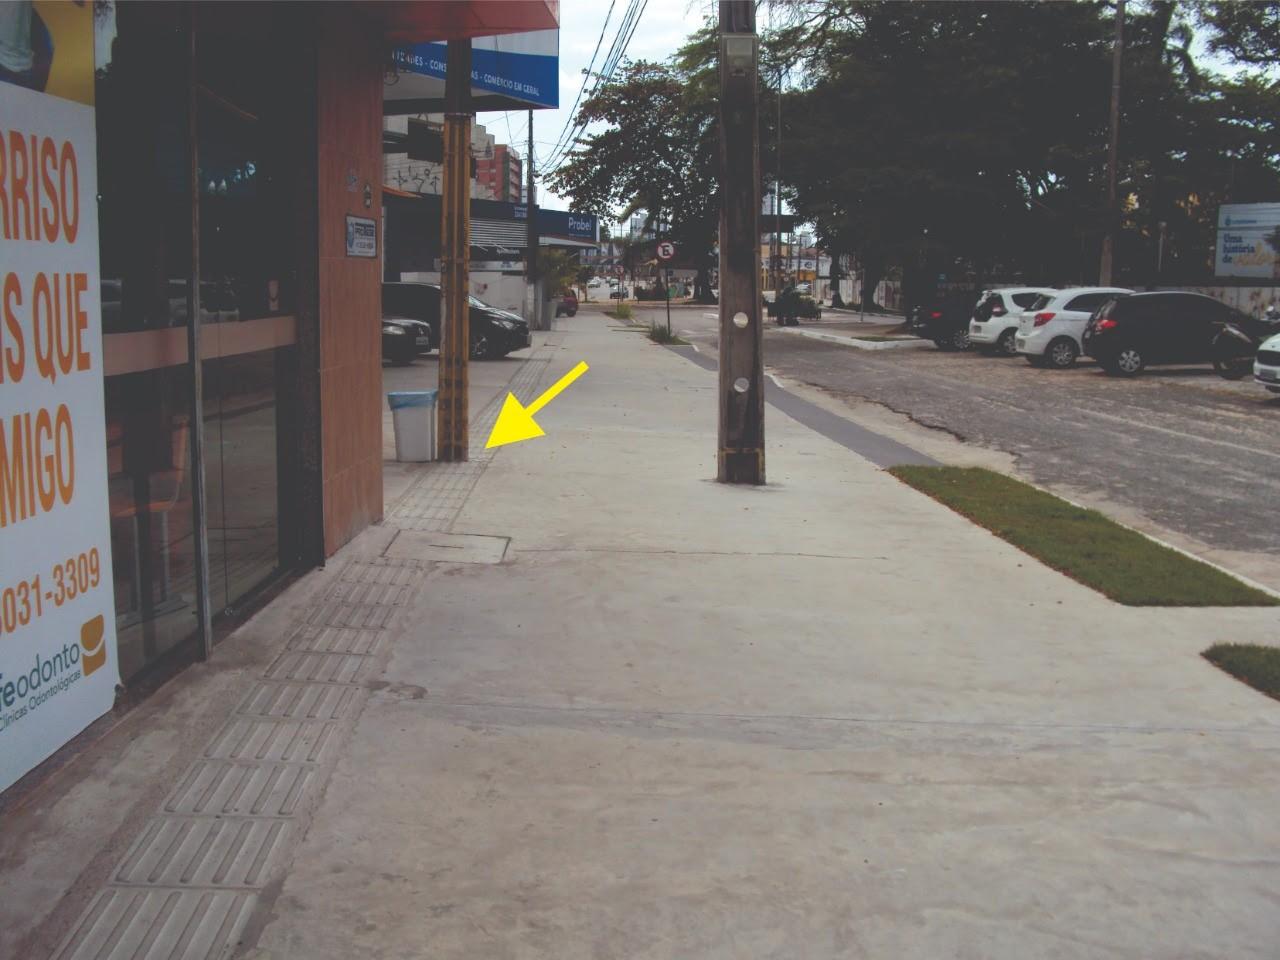 Defensoria Pública recomenda revisão urgente nas obras da Avenida Epitácio Pessoa